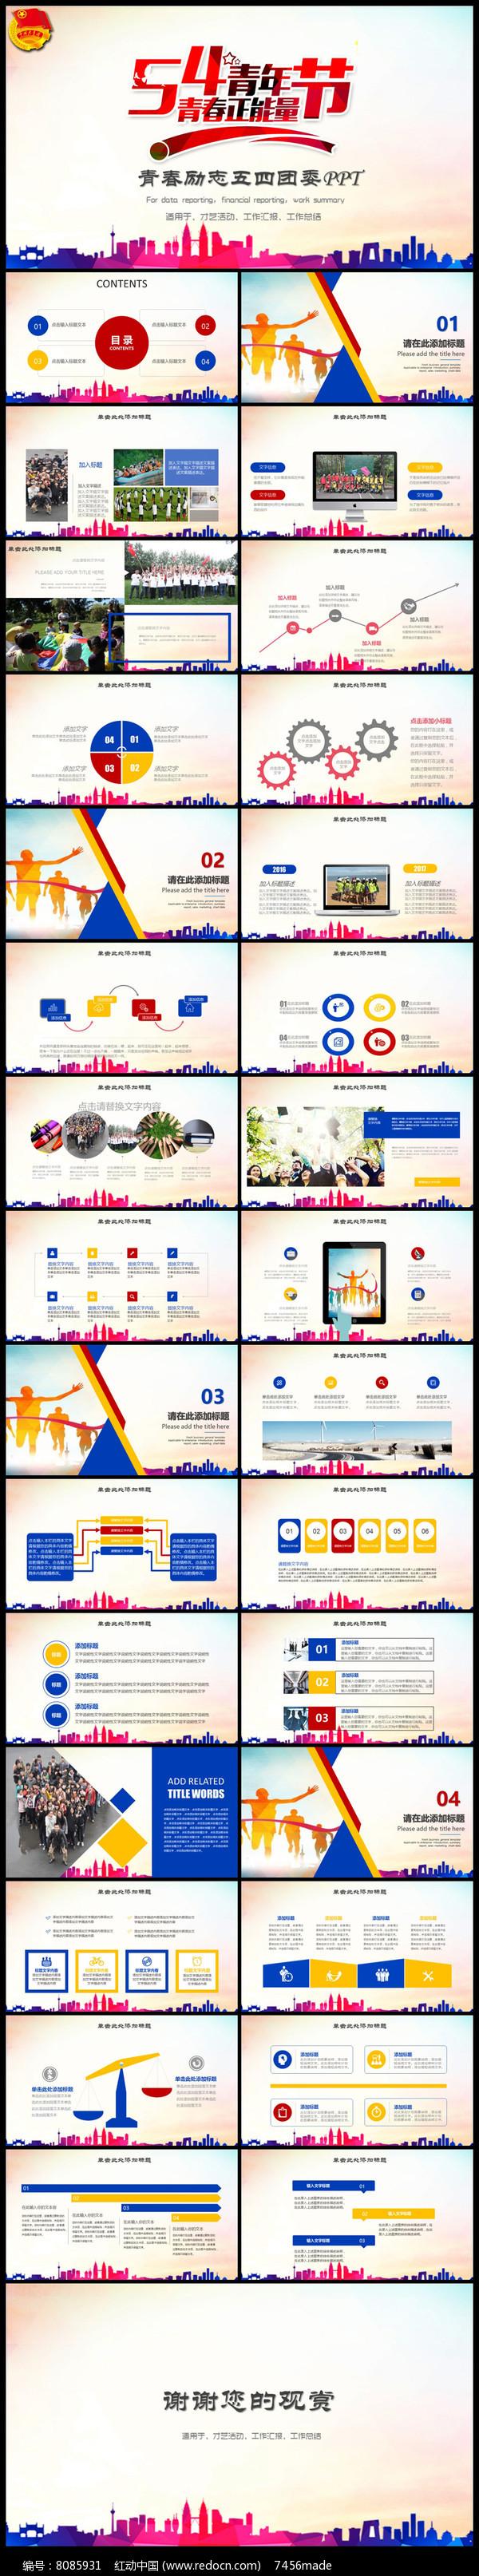 青春正能量团委五四青年节共青团PPT图片